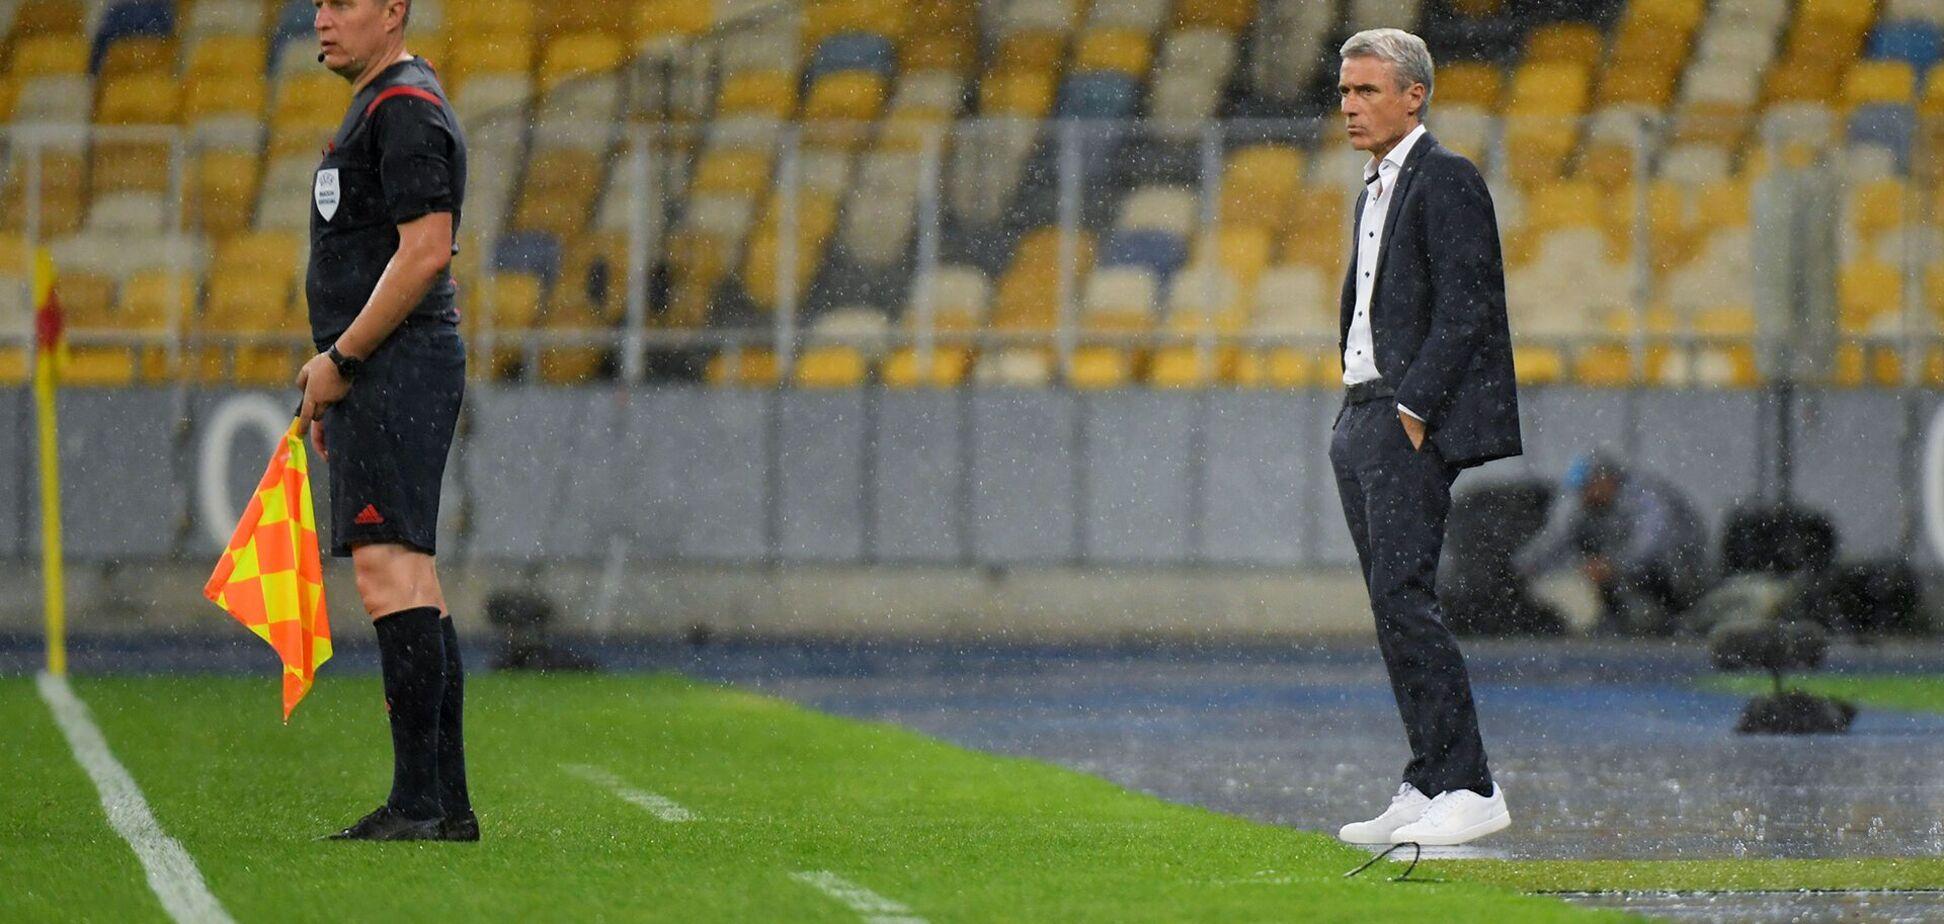 Каштру прокомментировал поражение от 'Динамо', посетовав на несправедливость